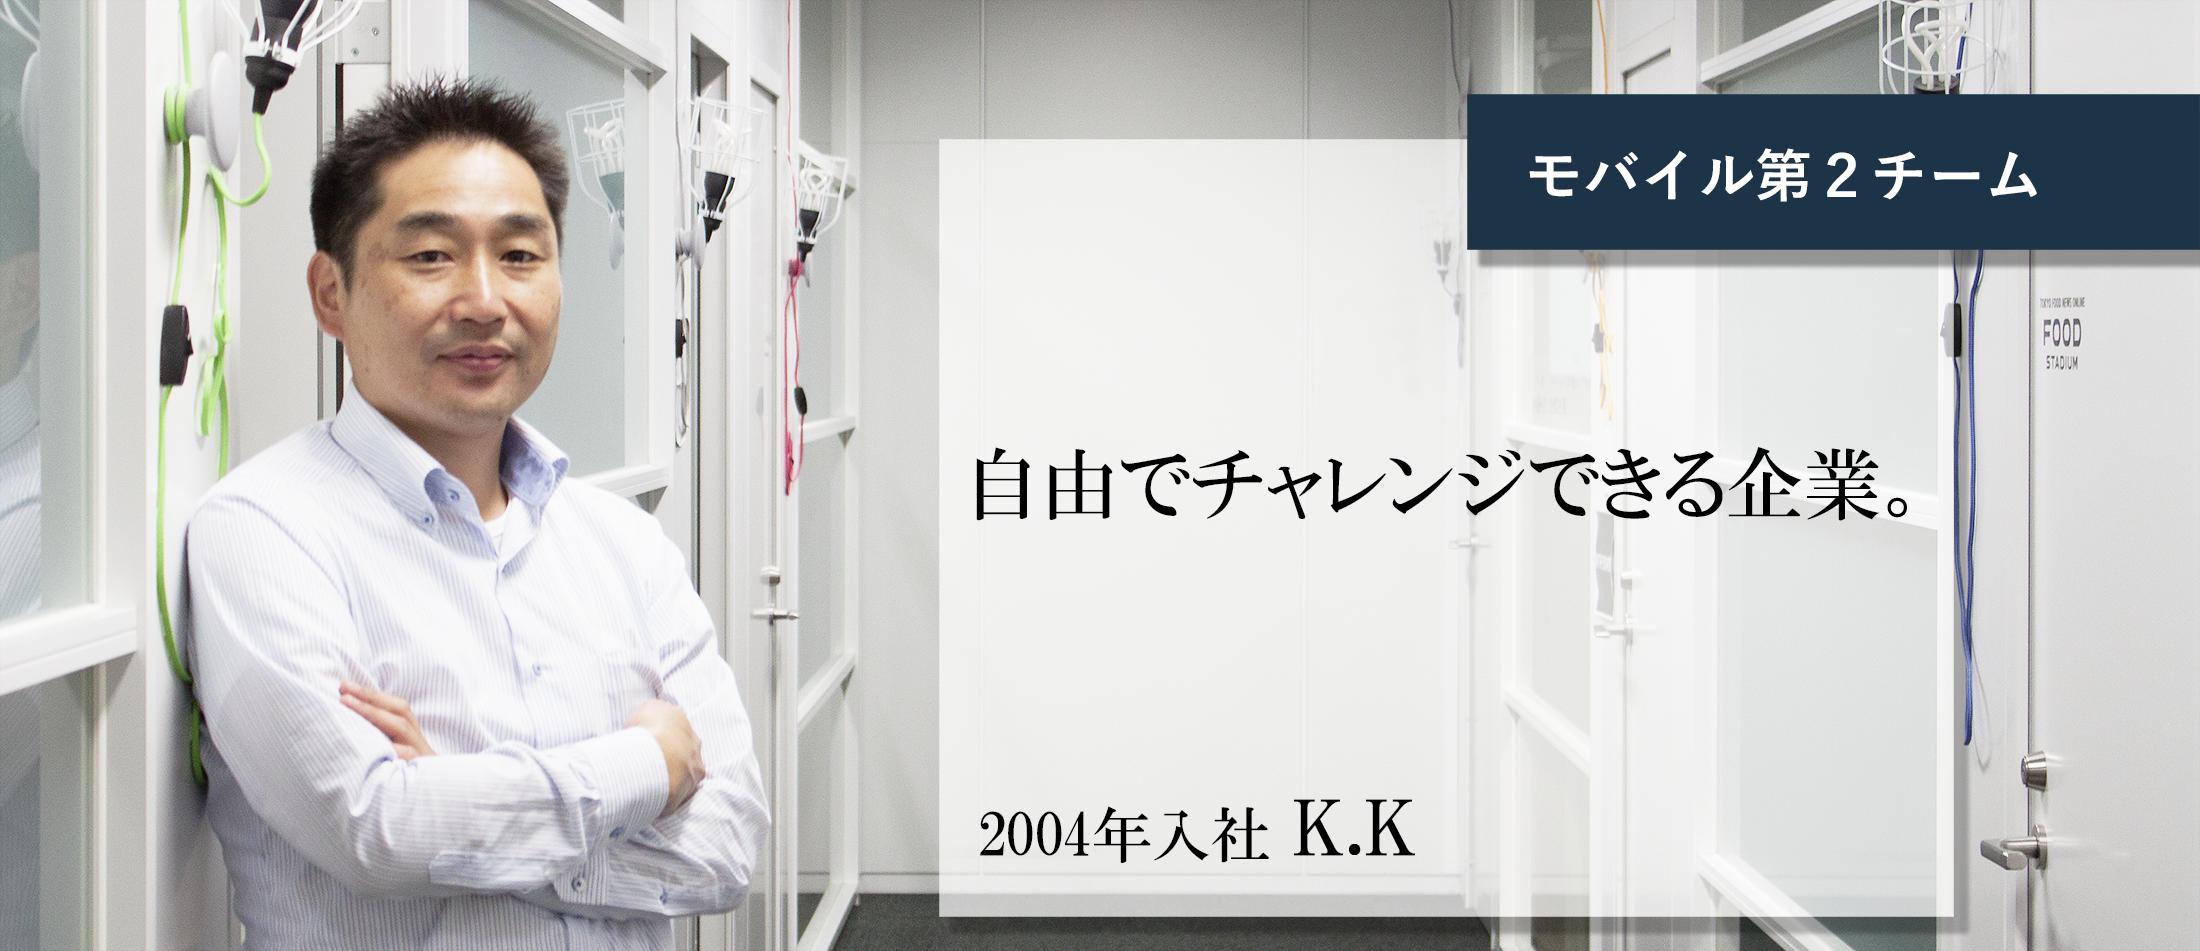 K.K_Top